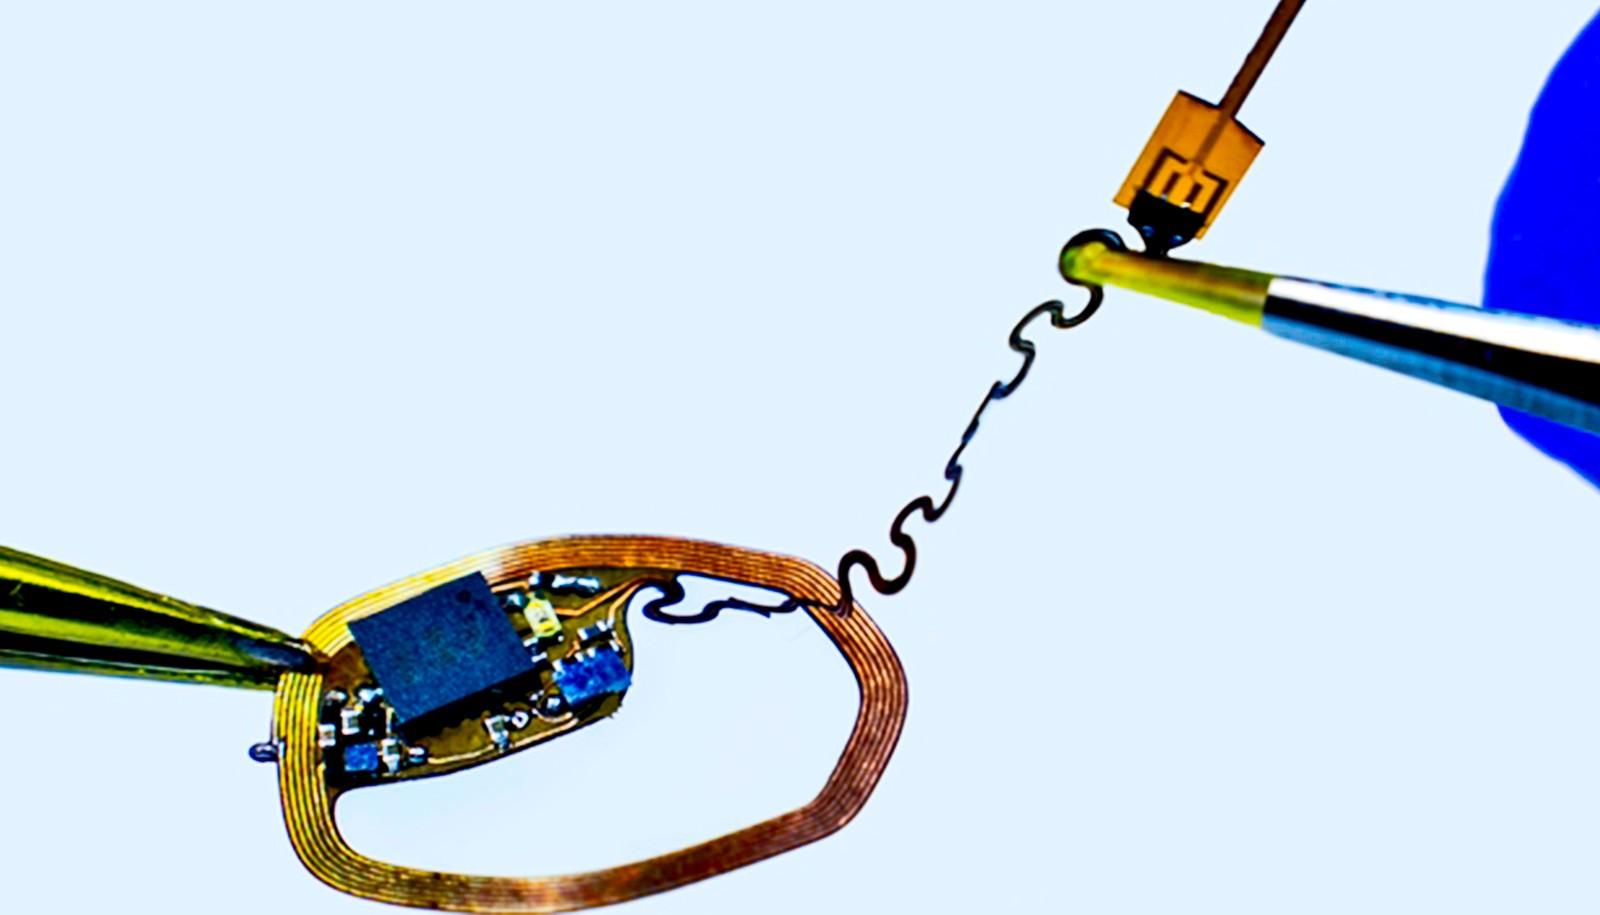 Крошечное устройство записывает активности отдельных нейронов в мозге.